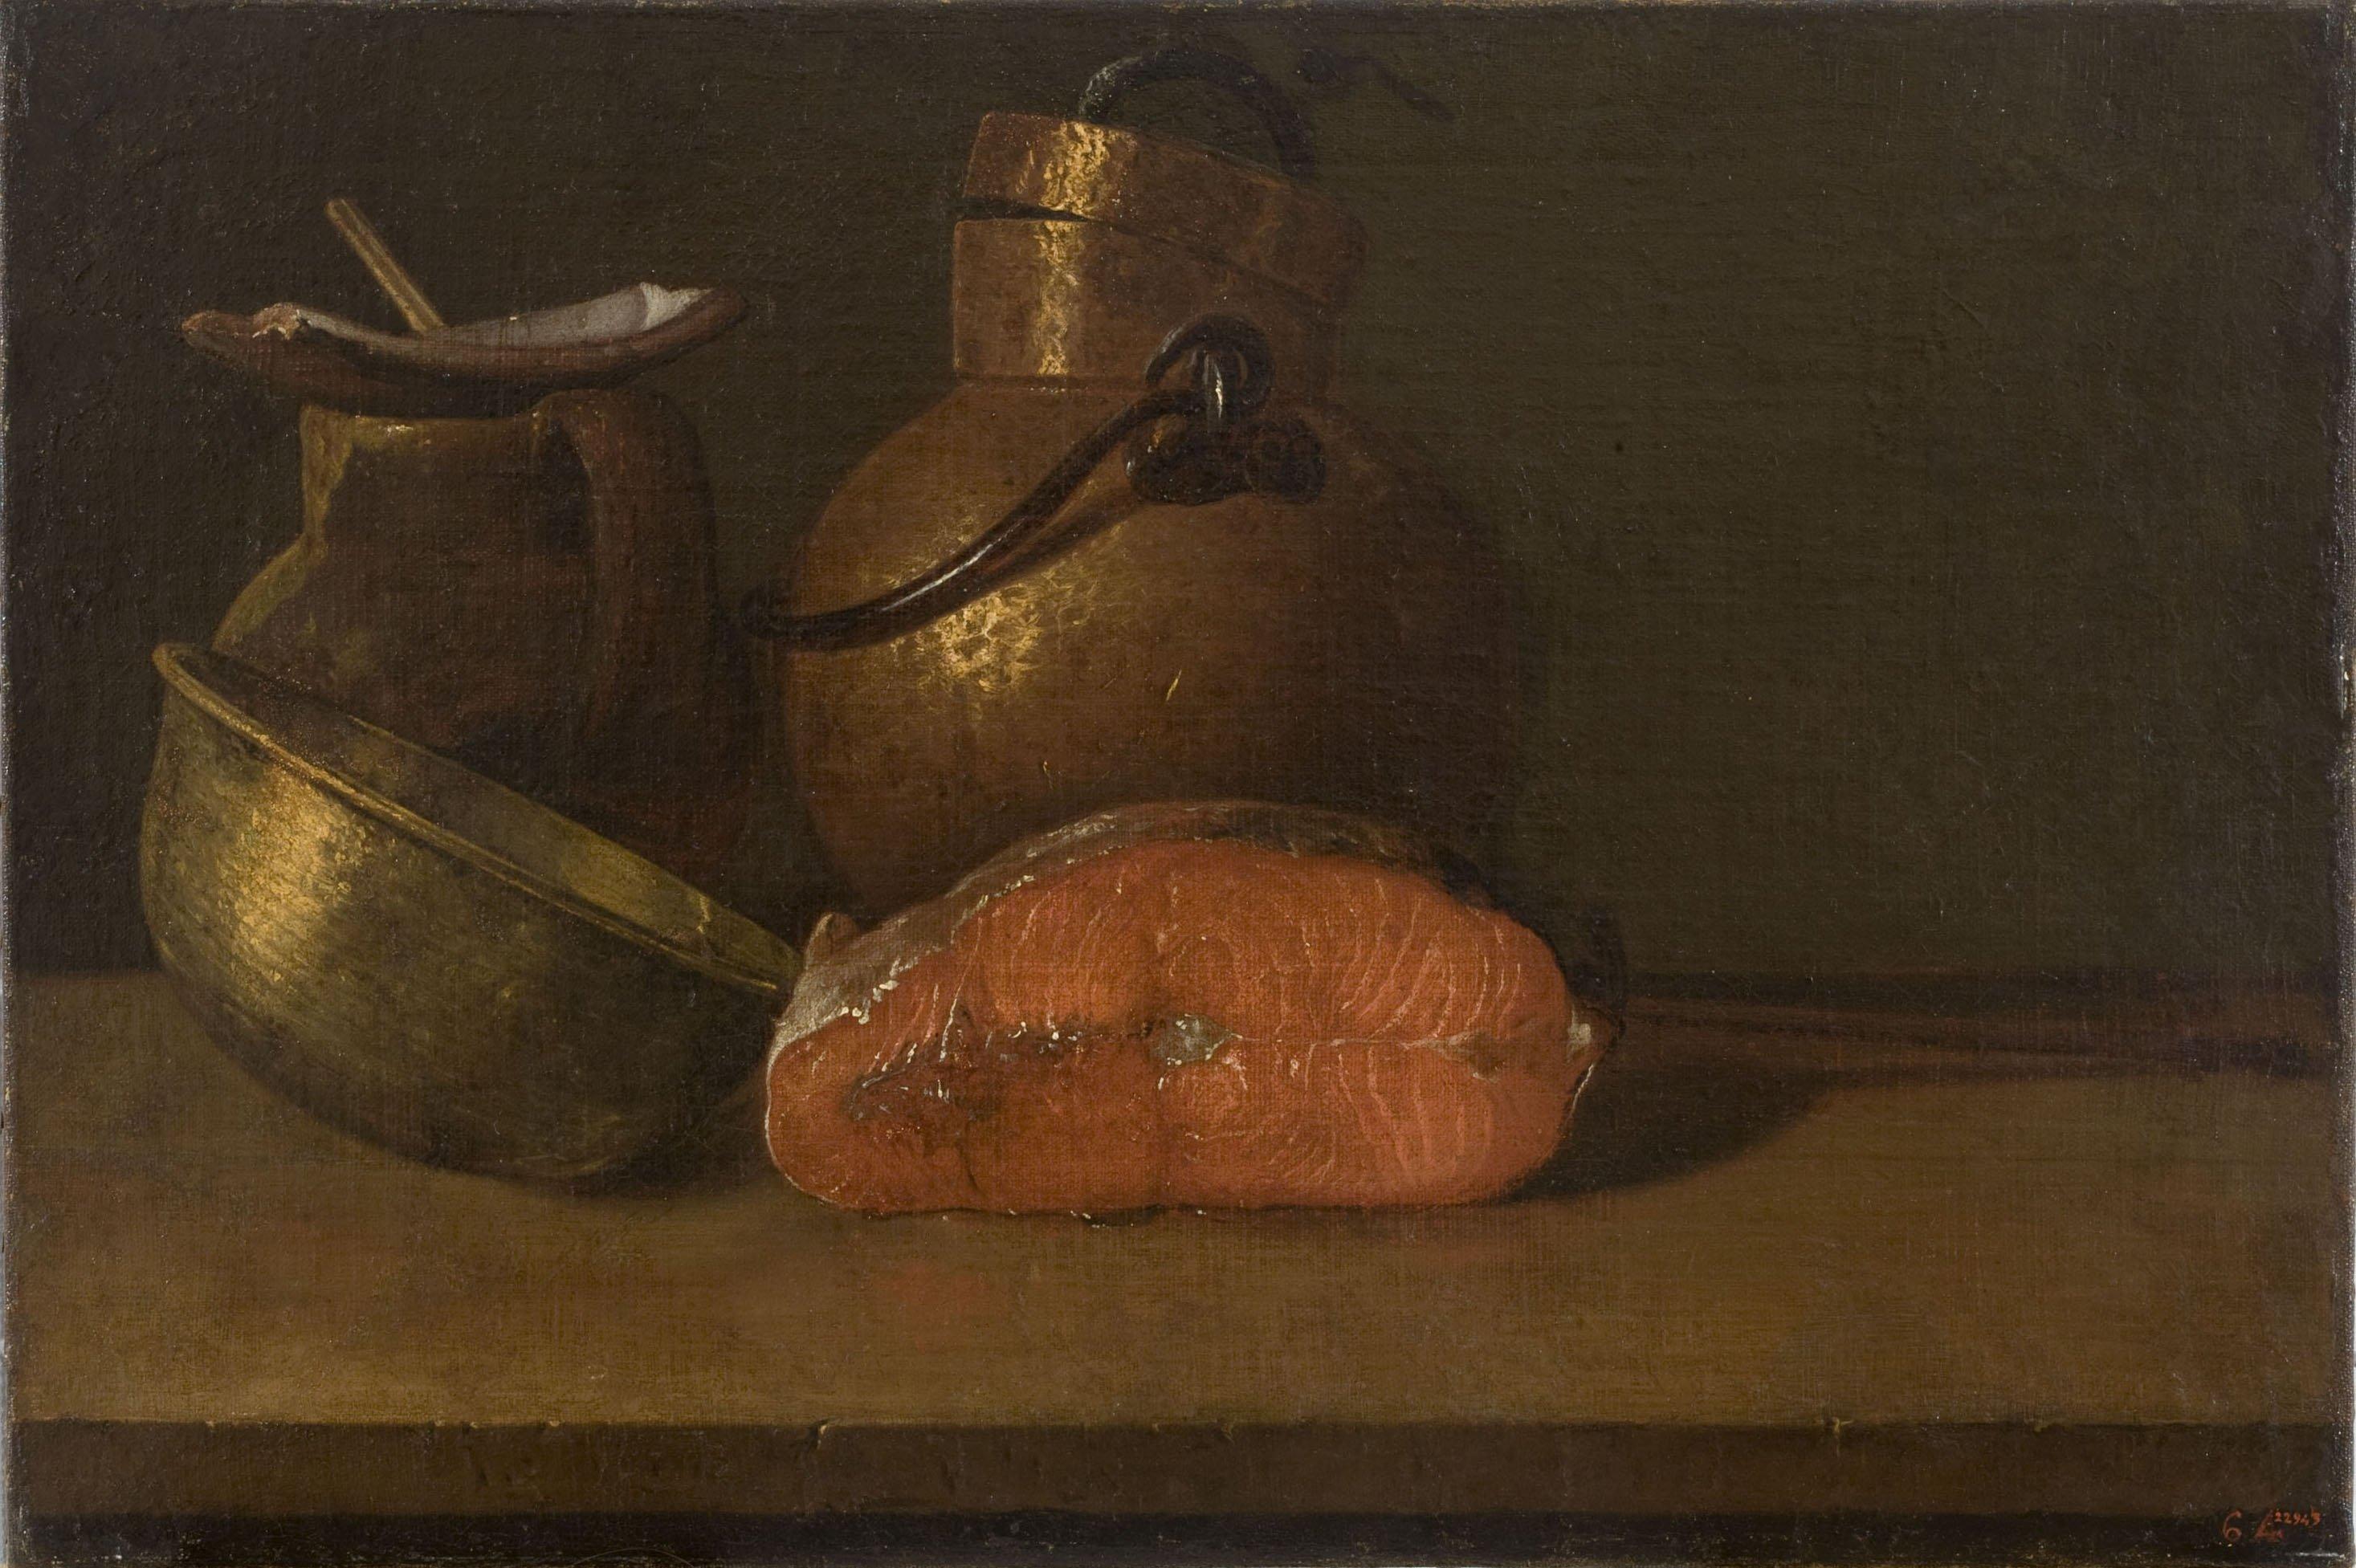 Luis Egidio Meléndez - Natura morta amb salmó i estris de cuina - Entre 1772-1780